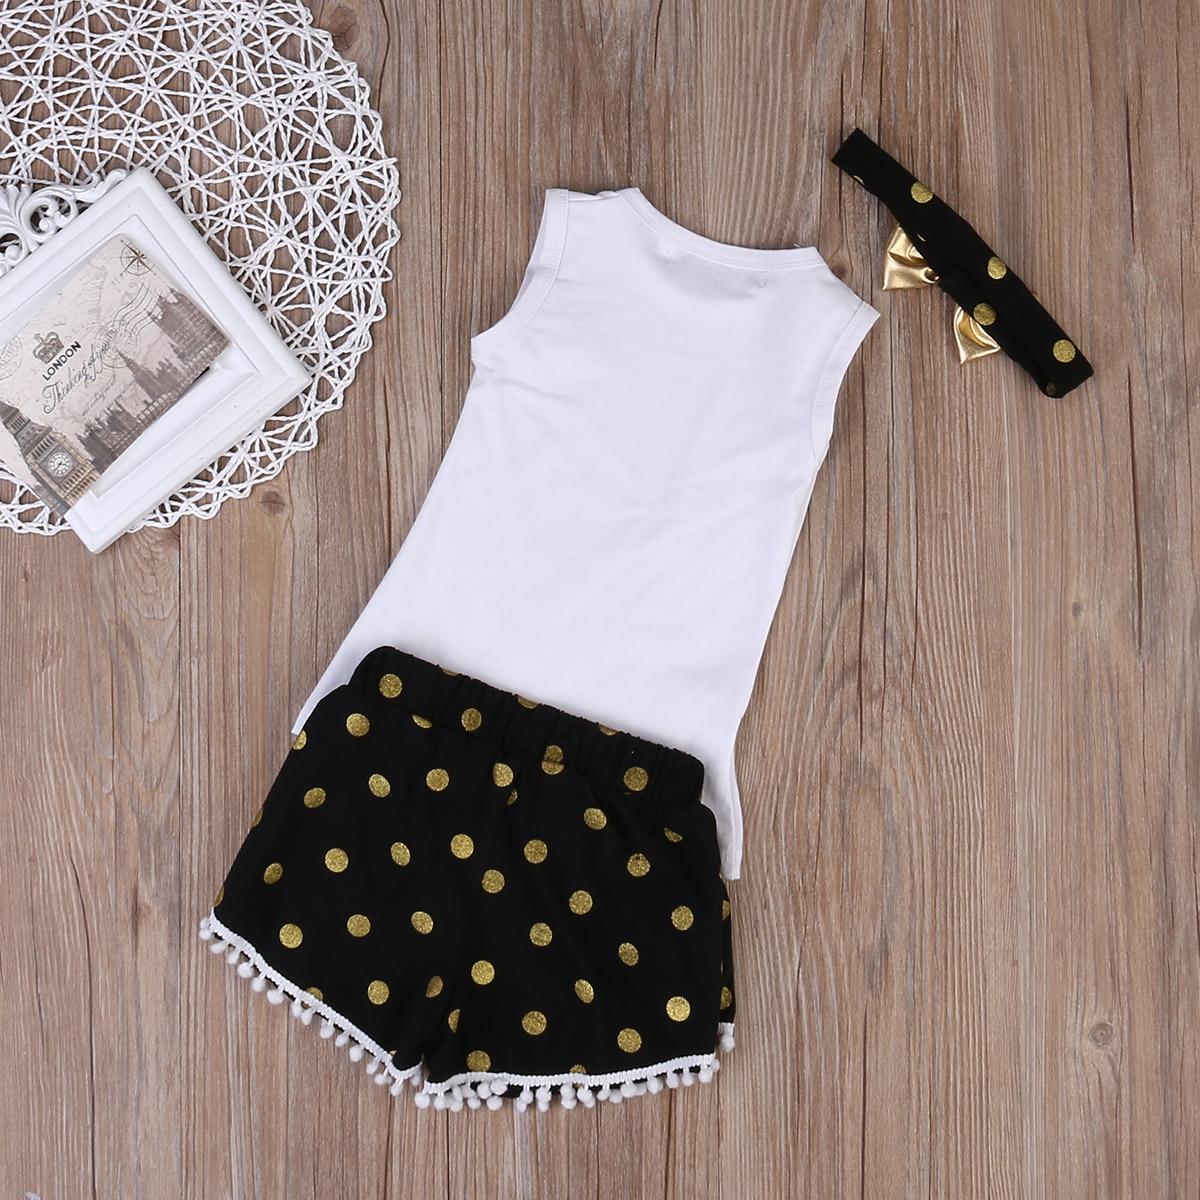 3 st Små flickor sommar fjäderkläder set barn tjej kläder - Barnkläder - Foto 5